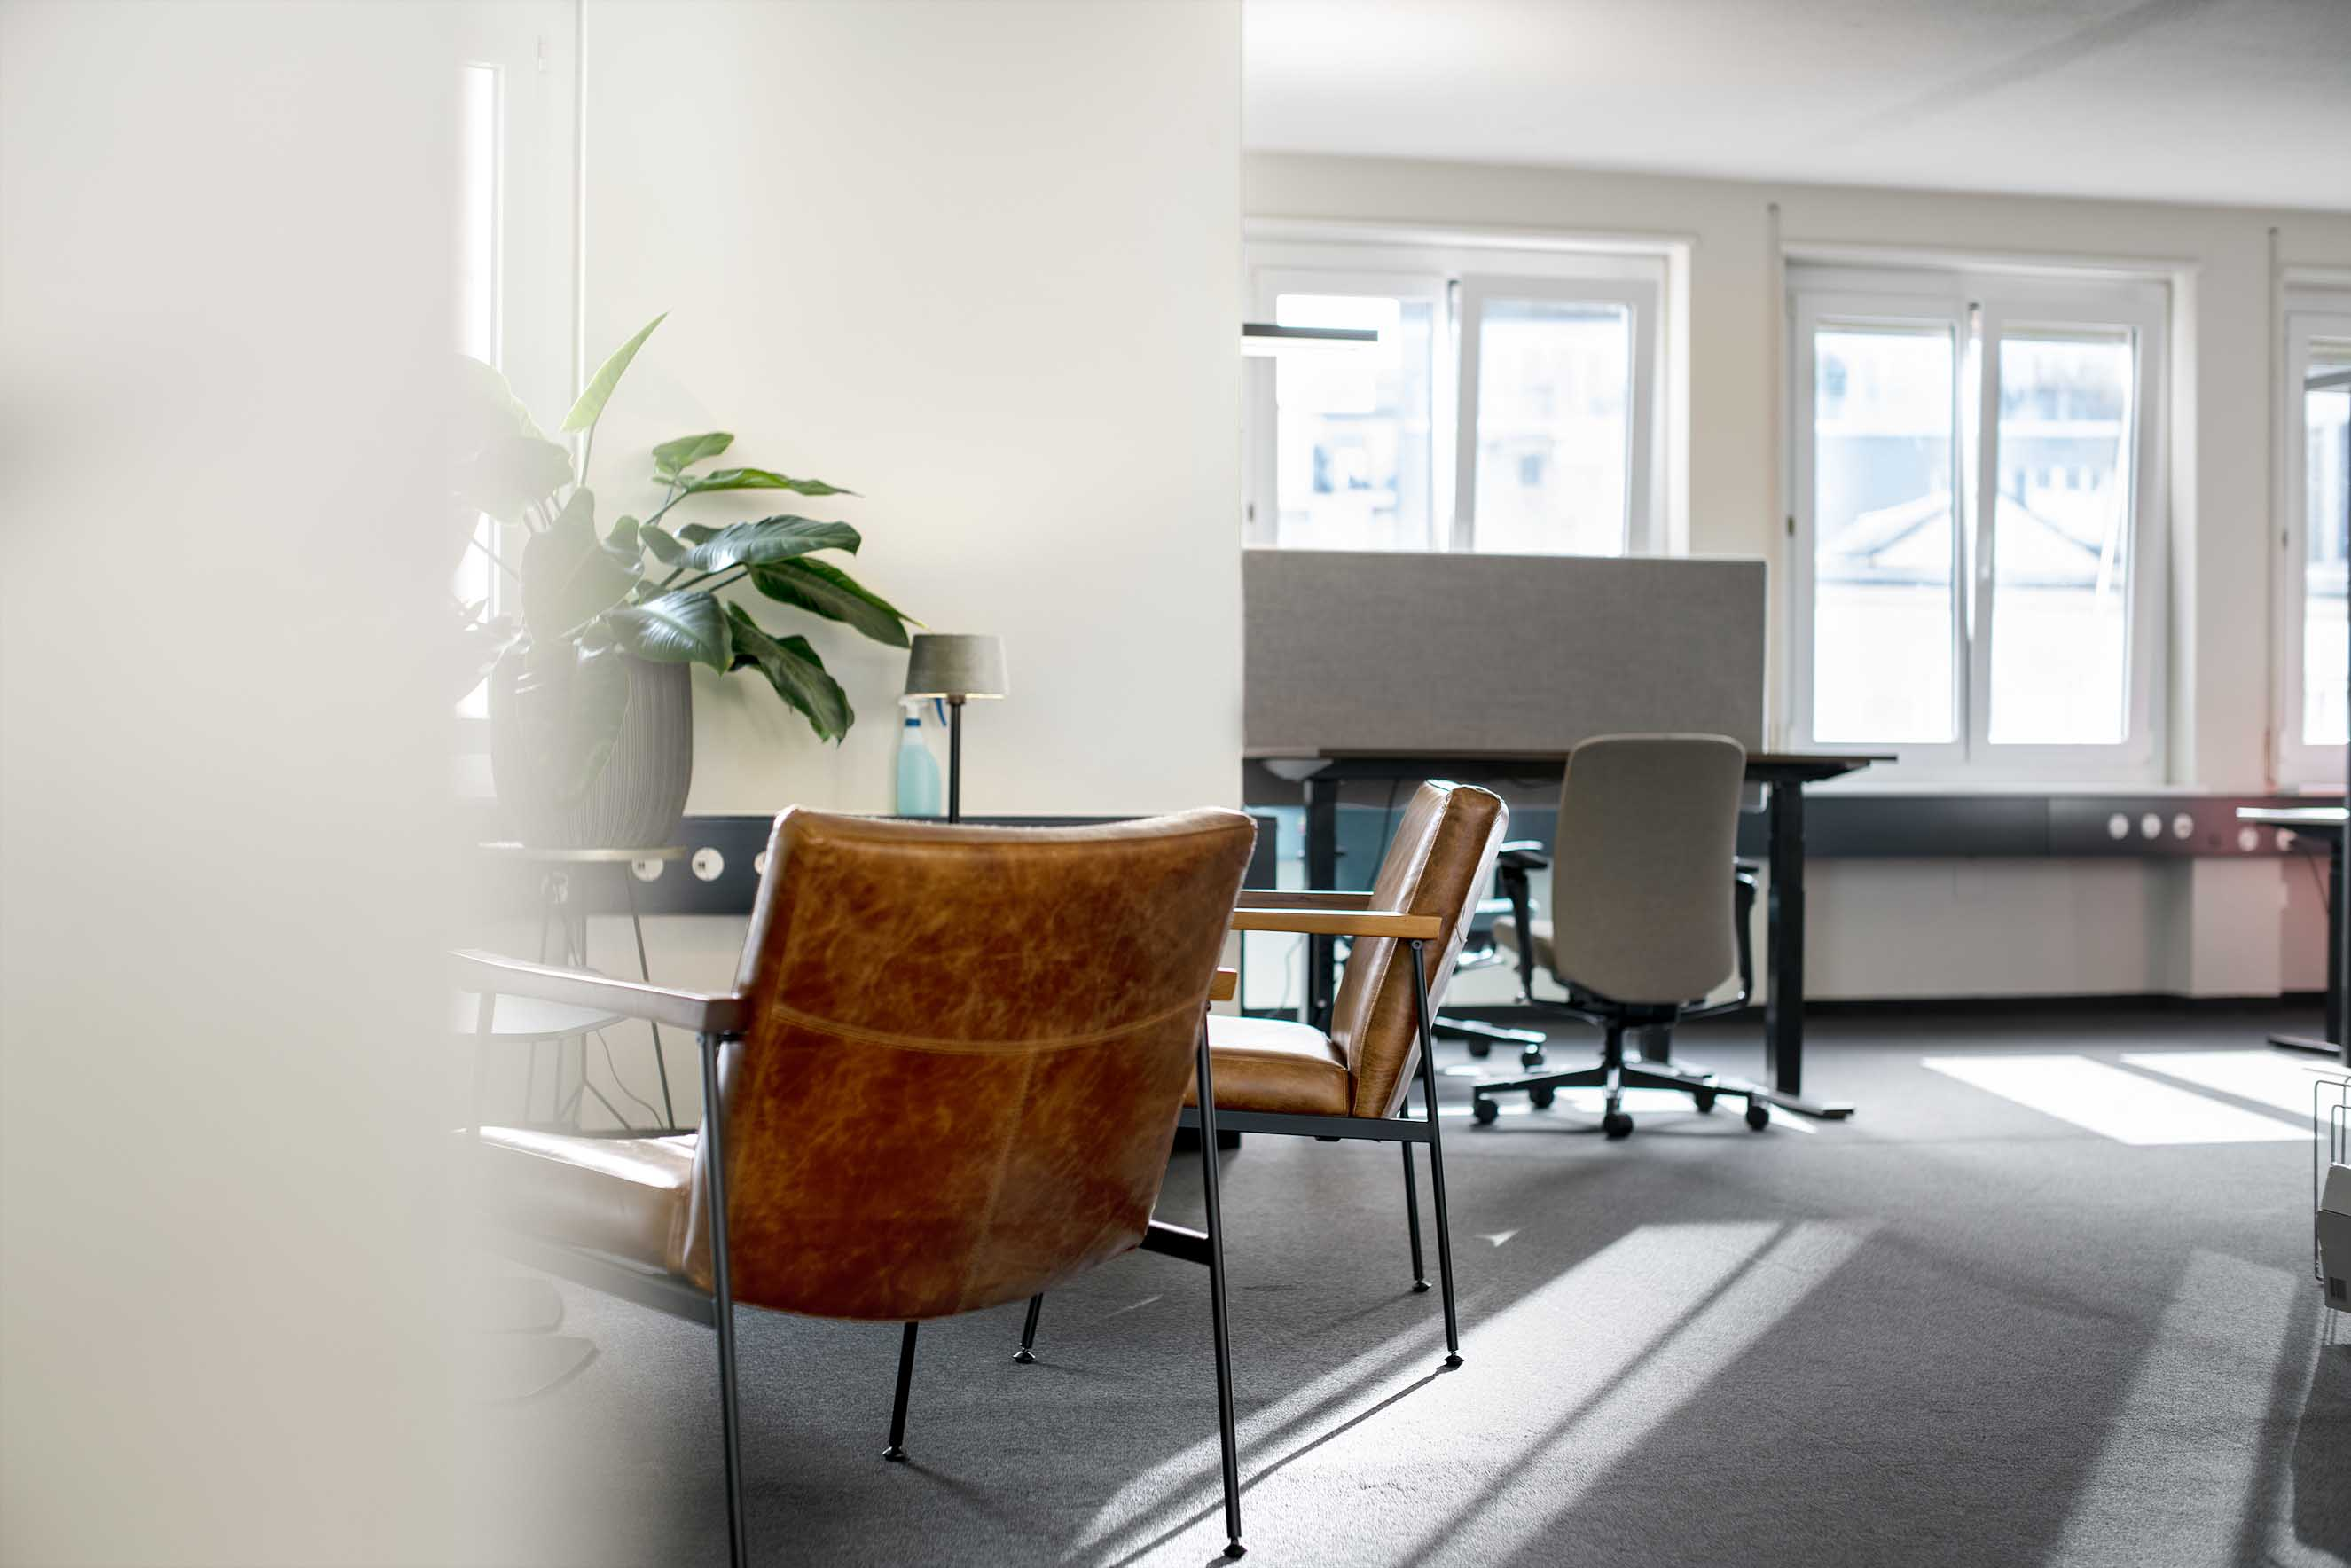 meetingroom in einem coworking shared office, bürogemeinschaft, arbeitsplätze mieten und vermieten, untermieter finden